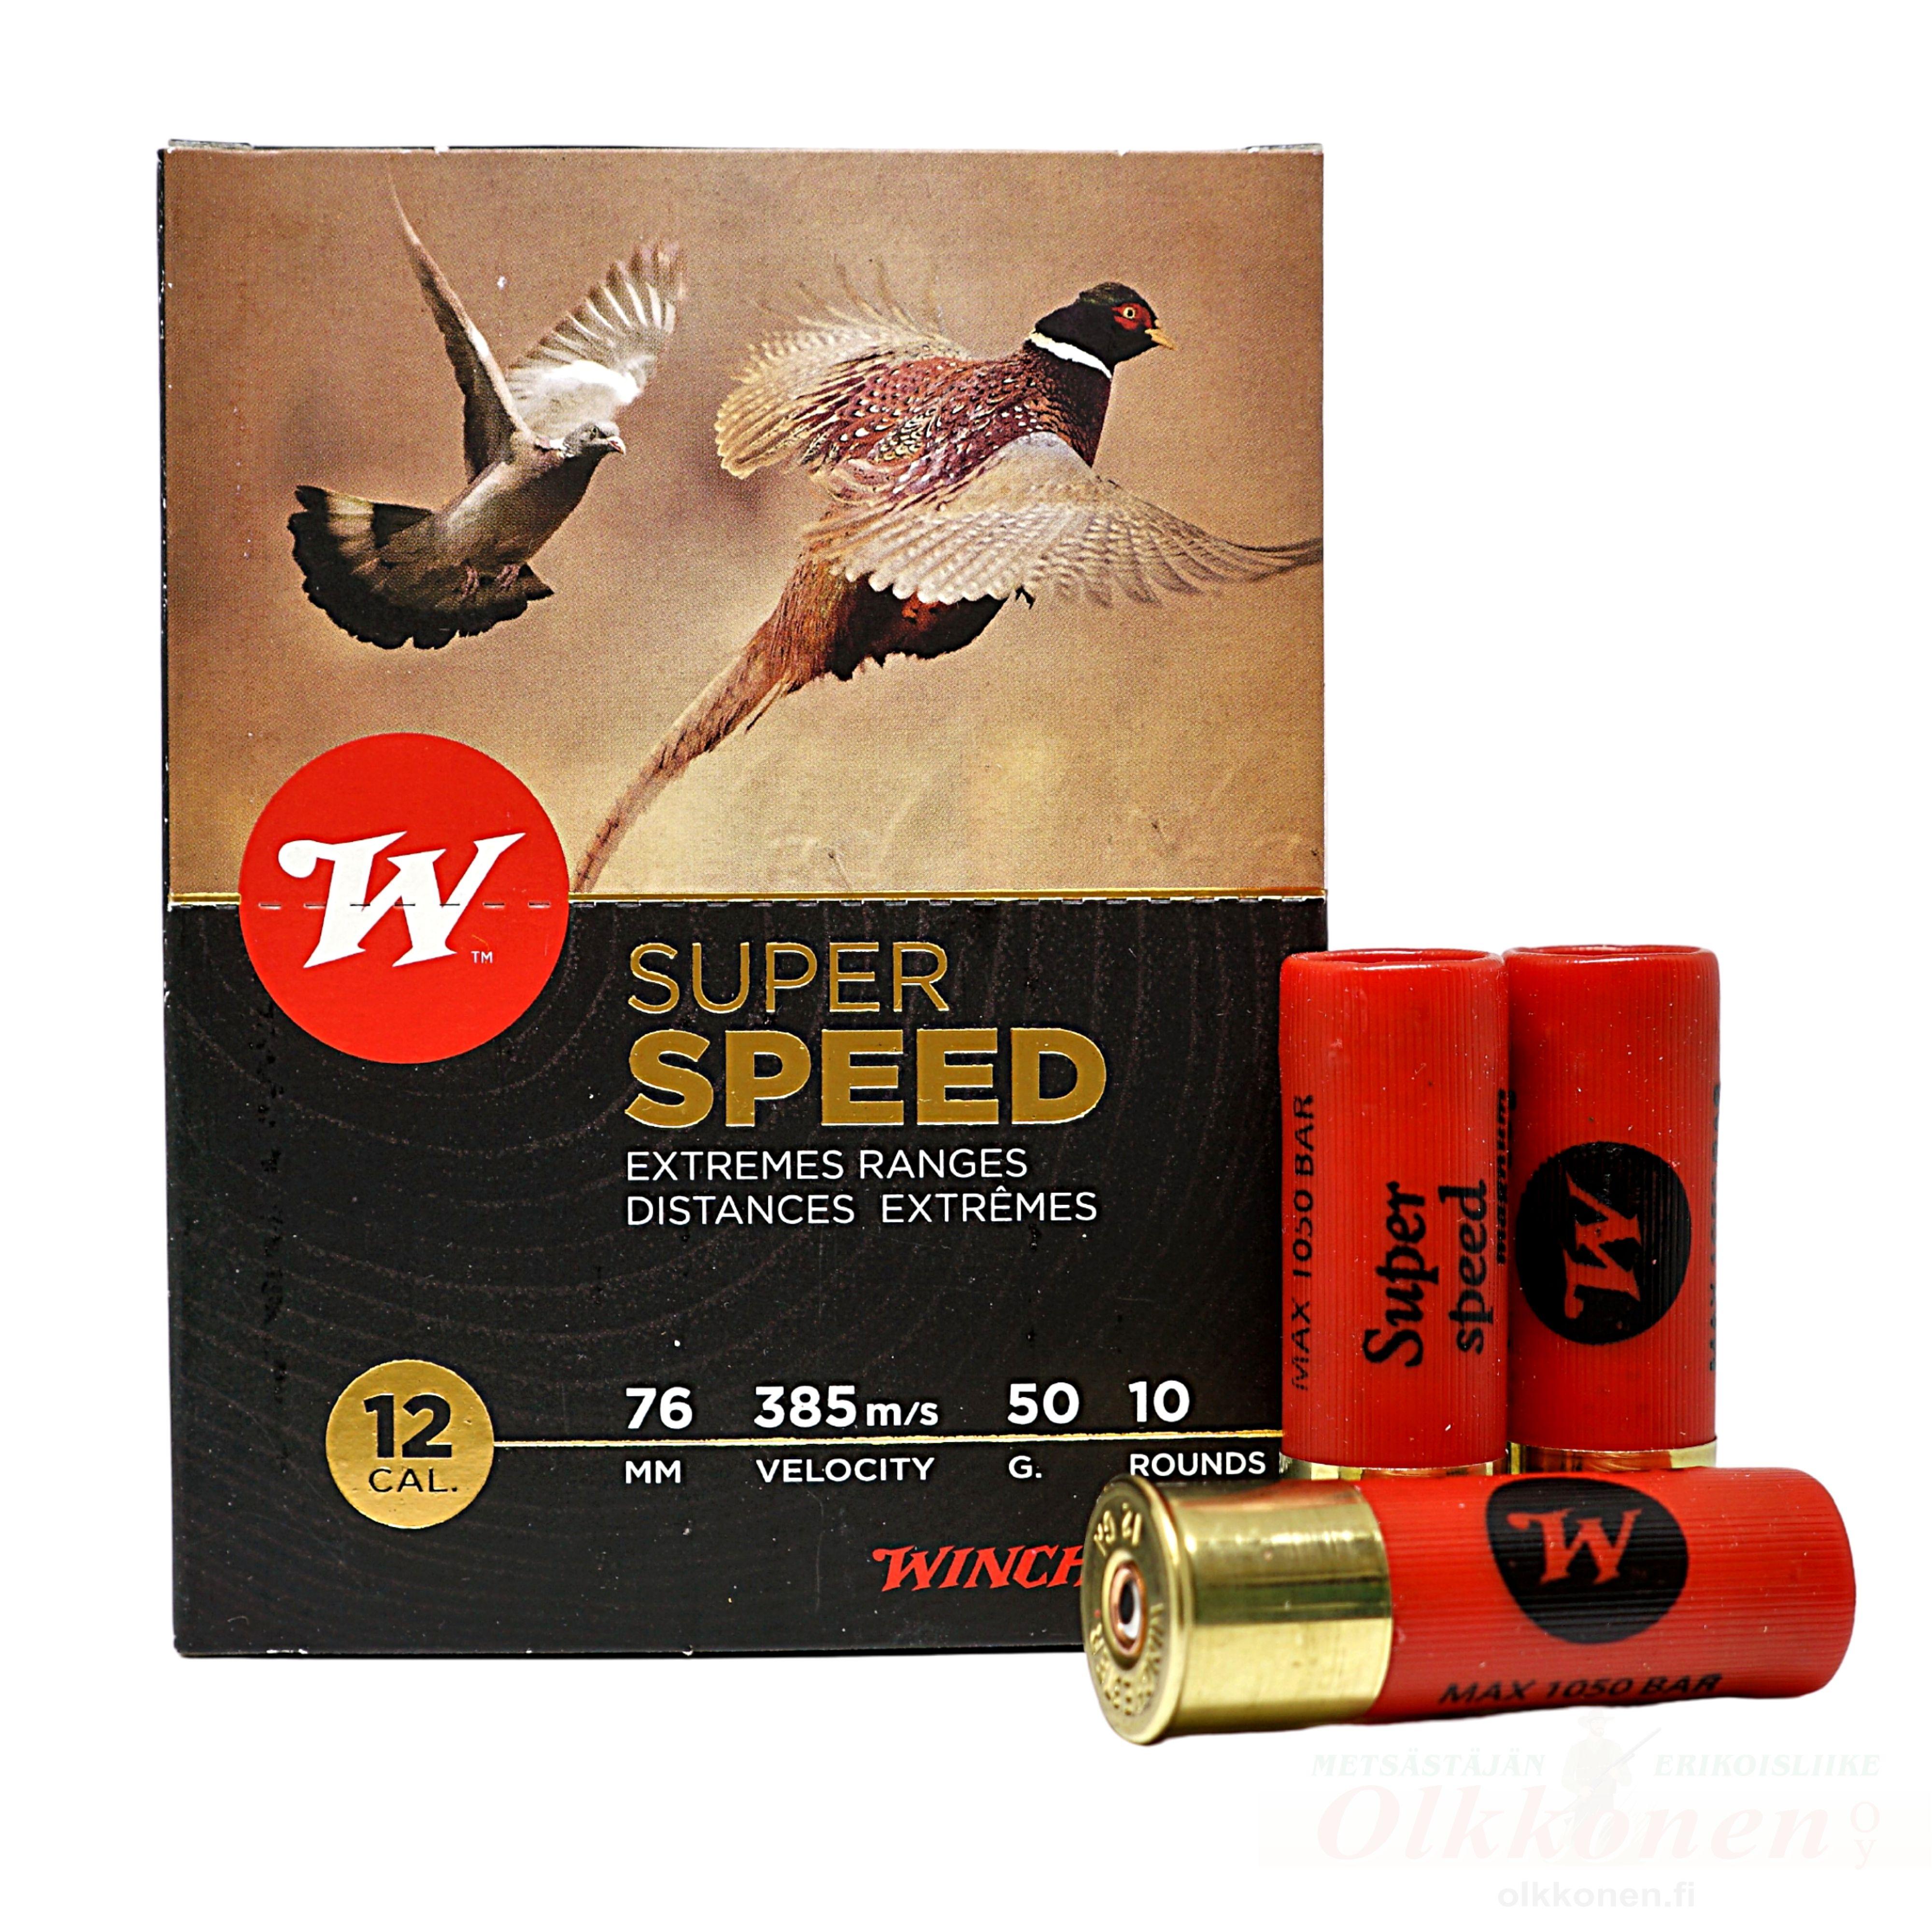 Winchester Super Speed G2 12/76 50g